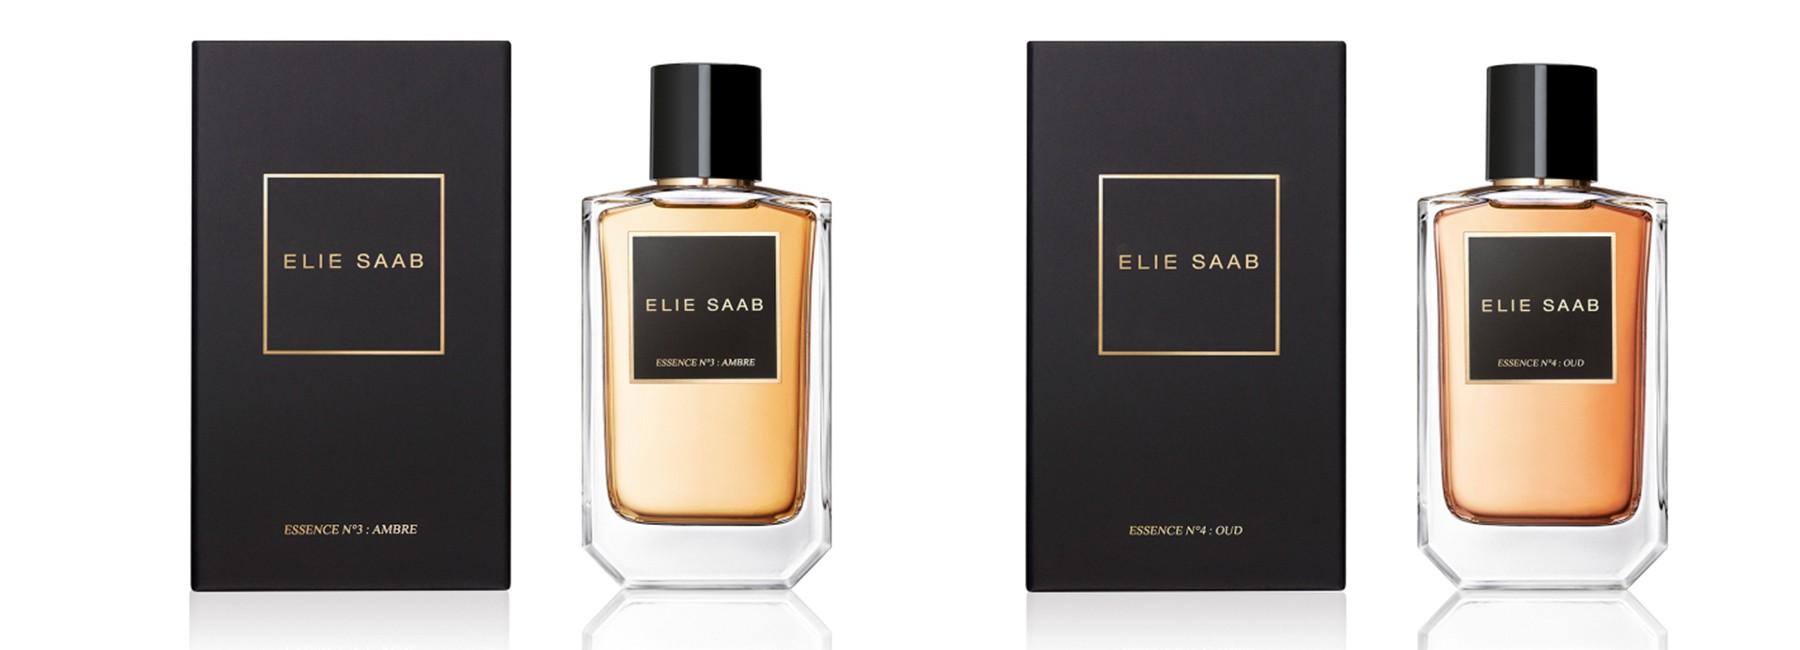 Oud et Ambre, les essences d'Elie Saab